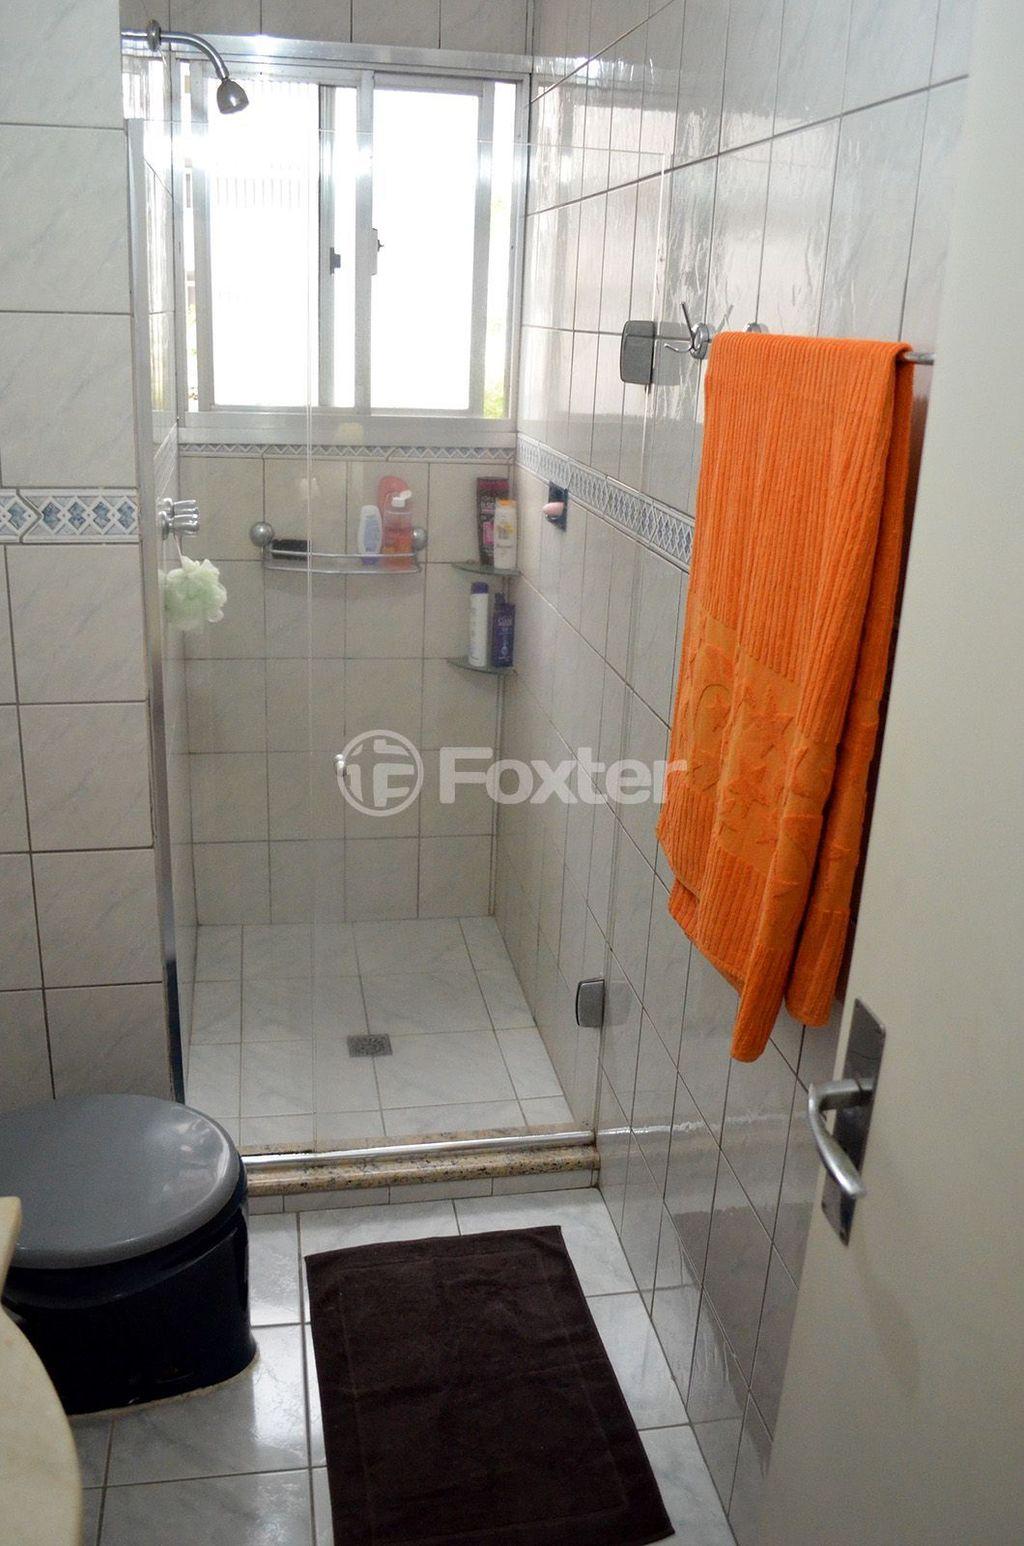 Foxter Imobiliária - Apto 1 Dorm, Floresta - Foto 9